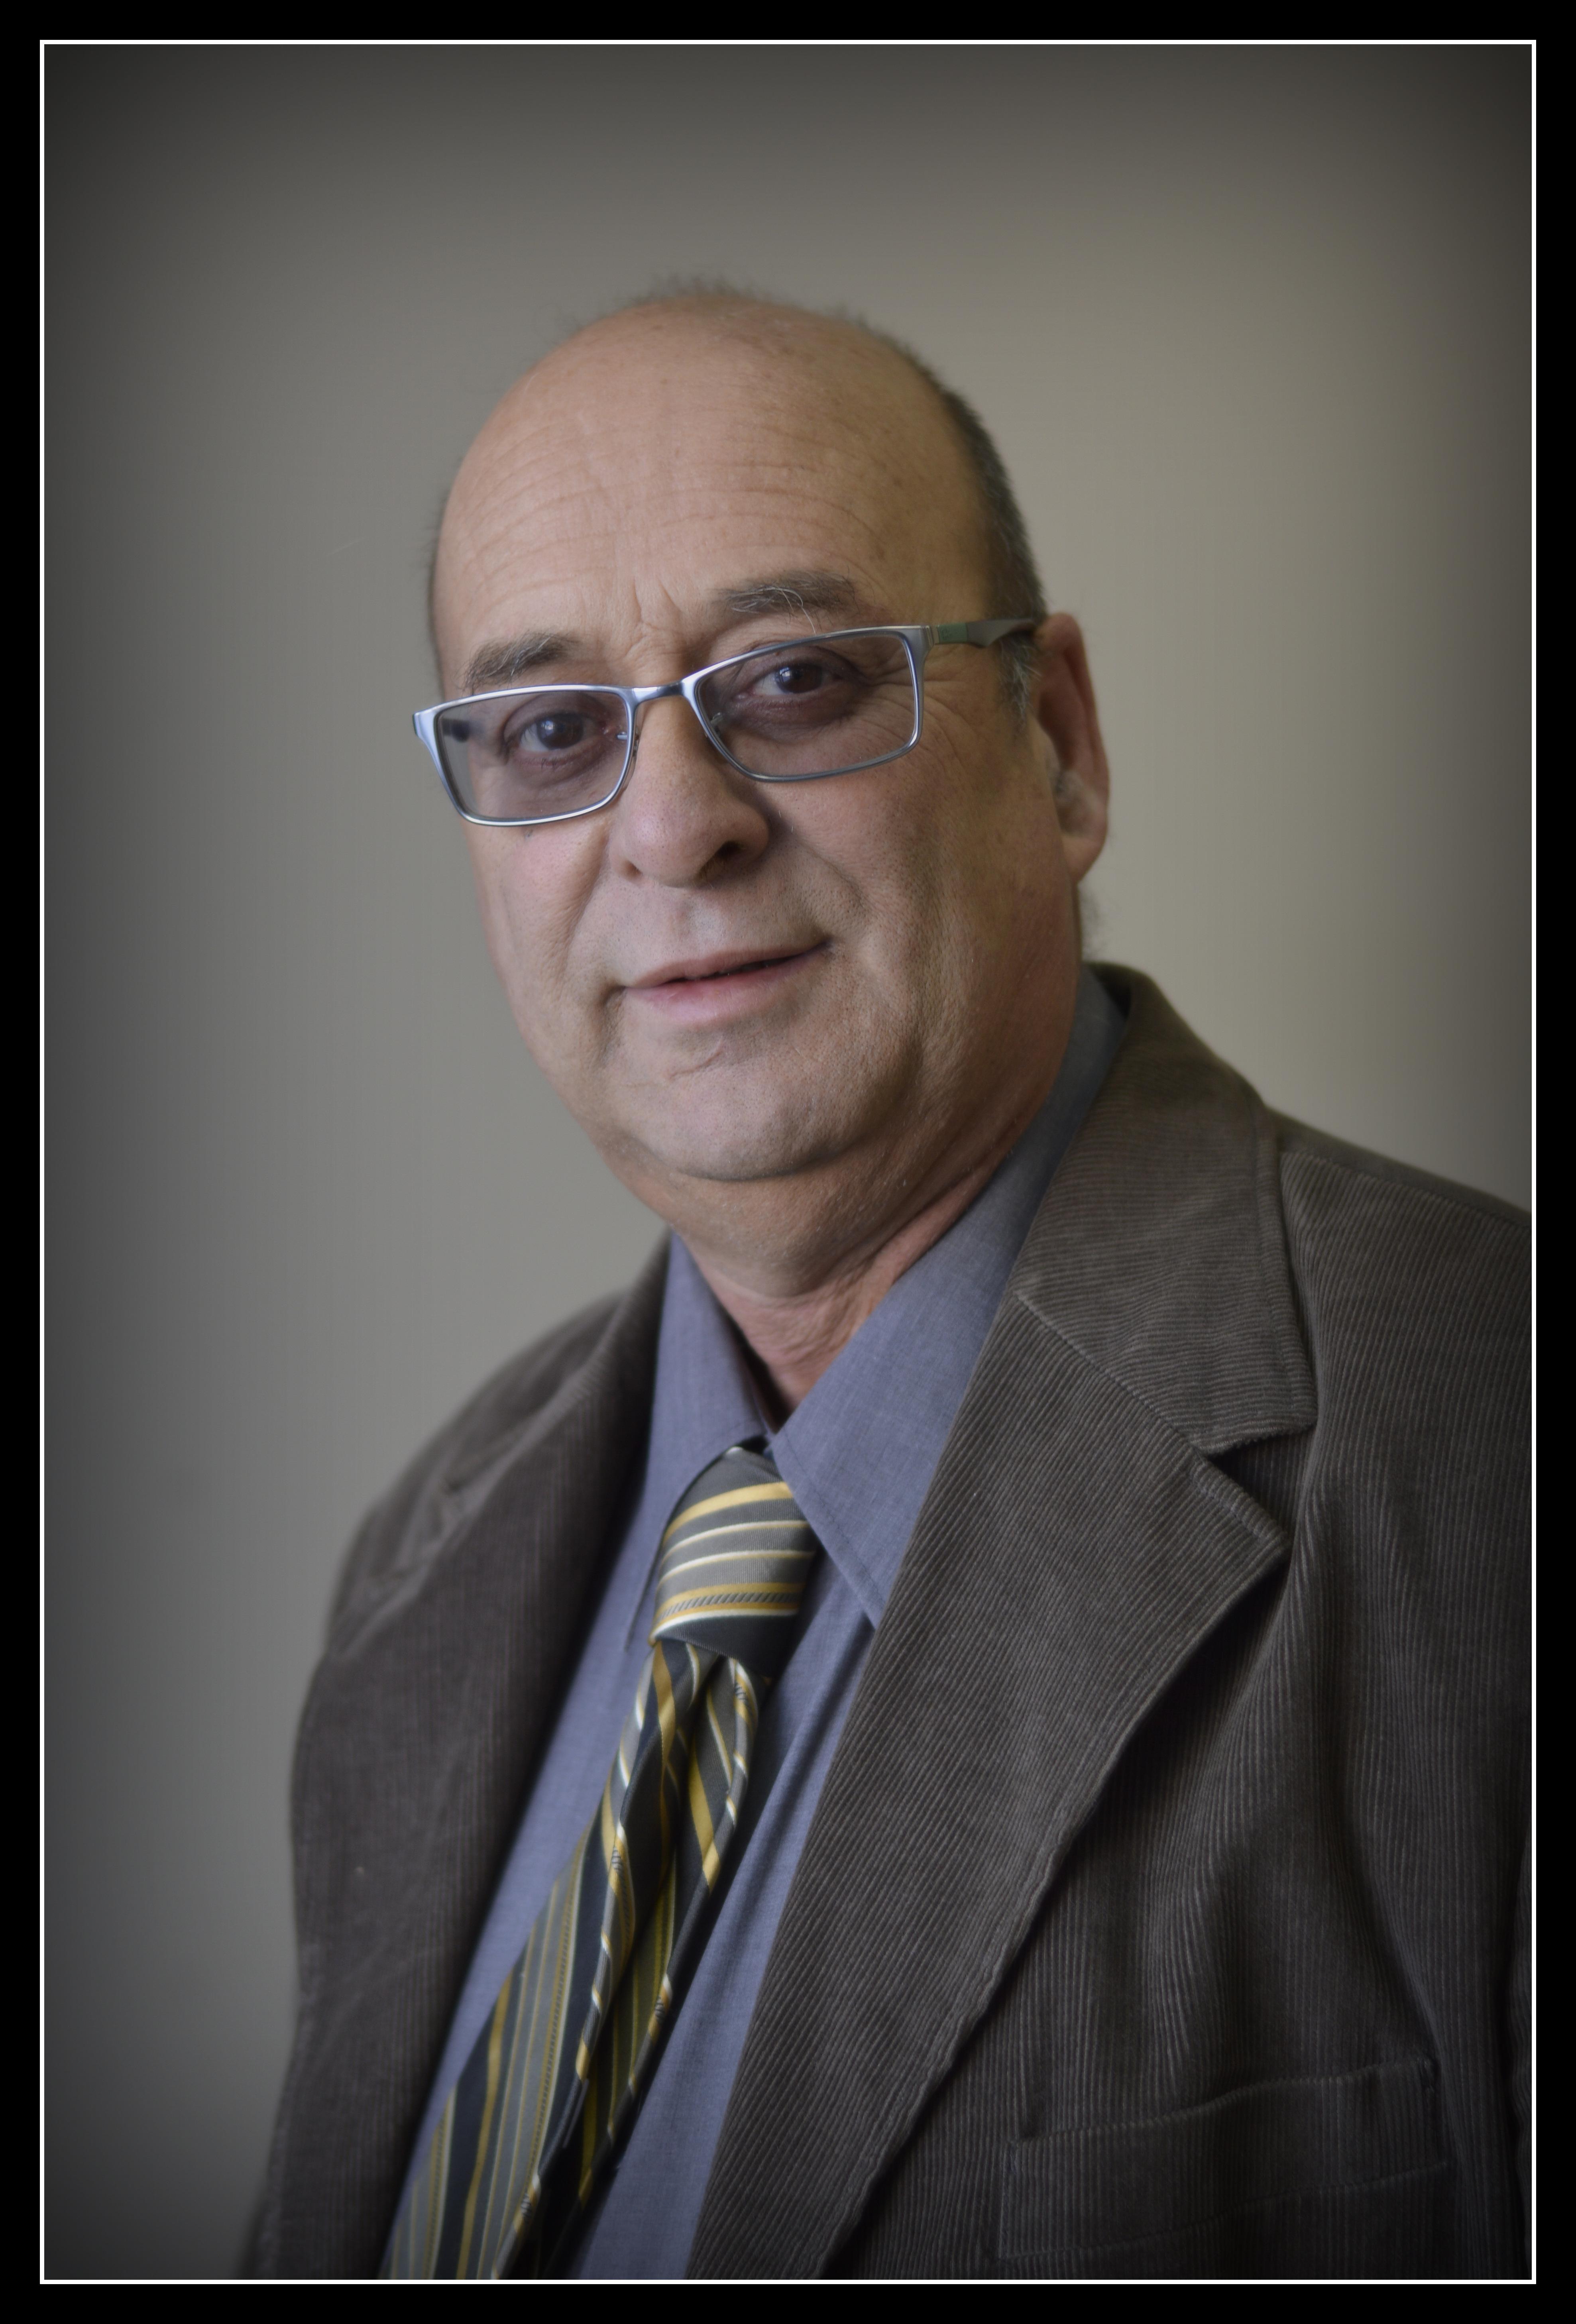 Jean-Pierre-Dufresne